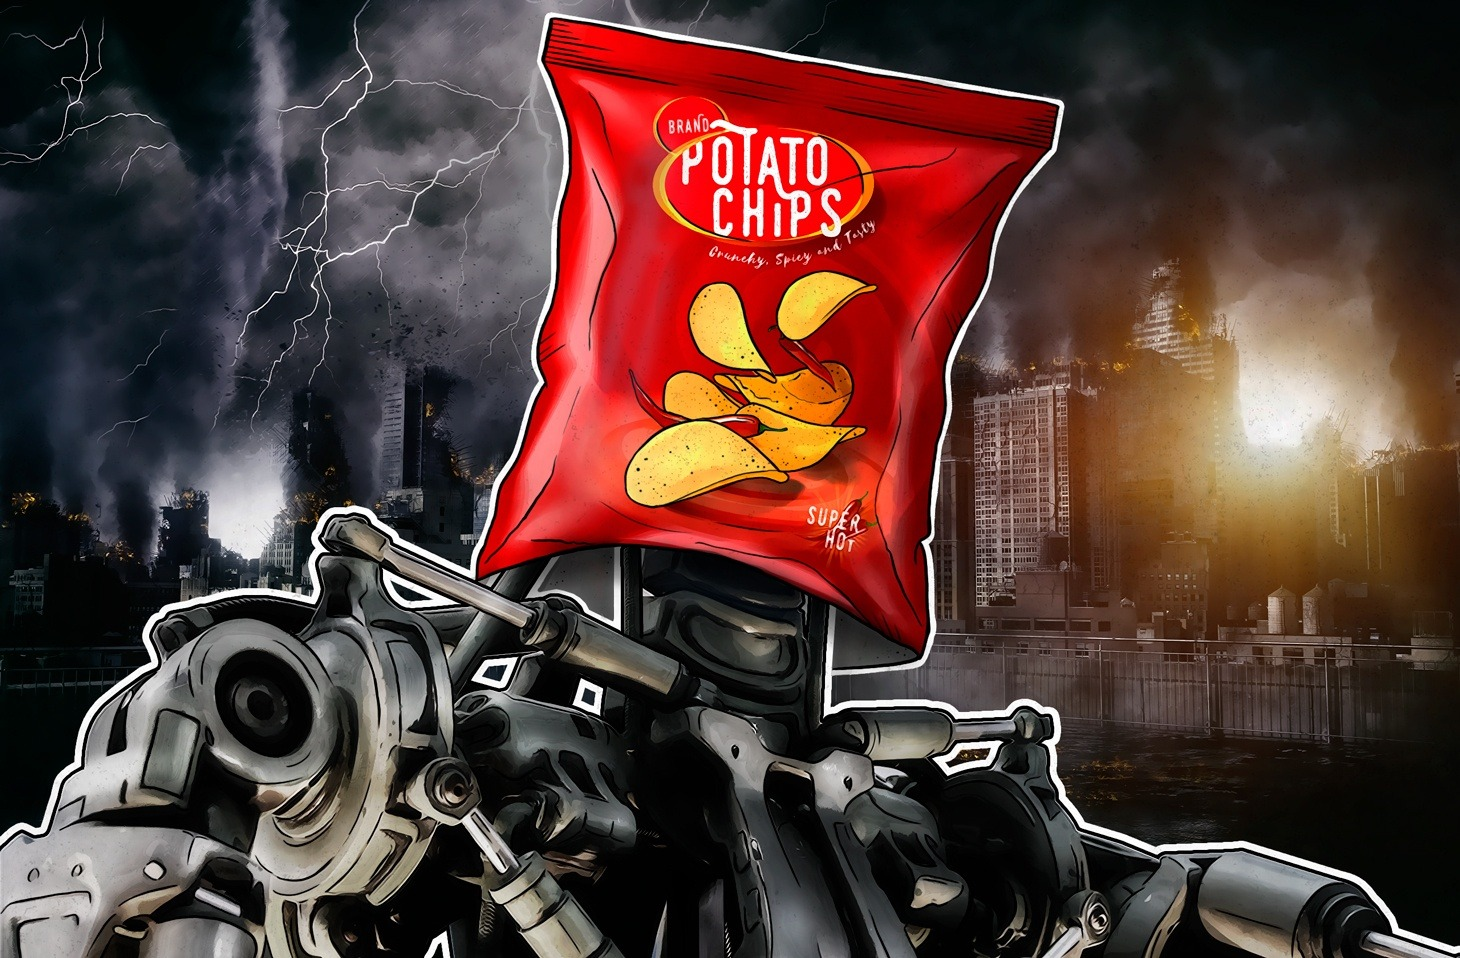 Terminator 6/3 : Sarah Connor et un paquet de chips